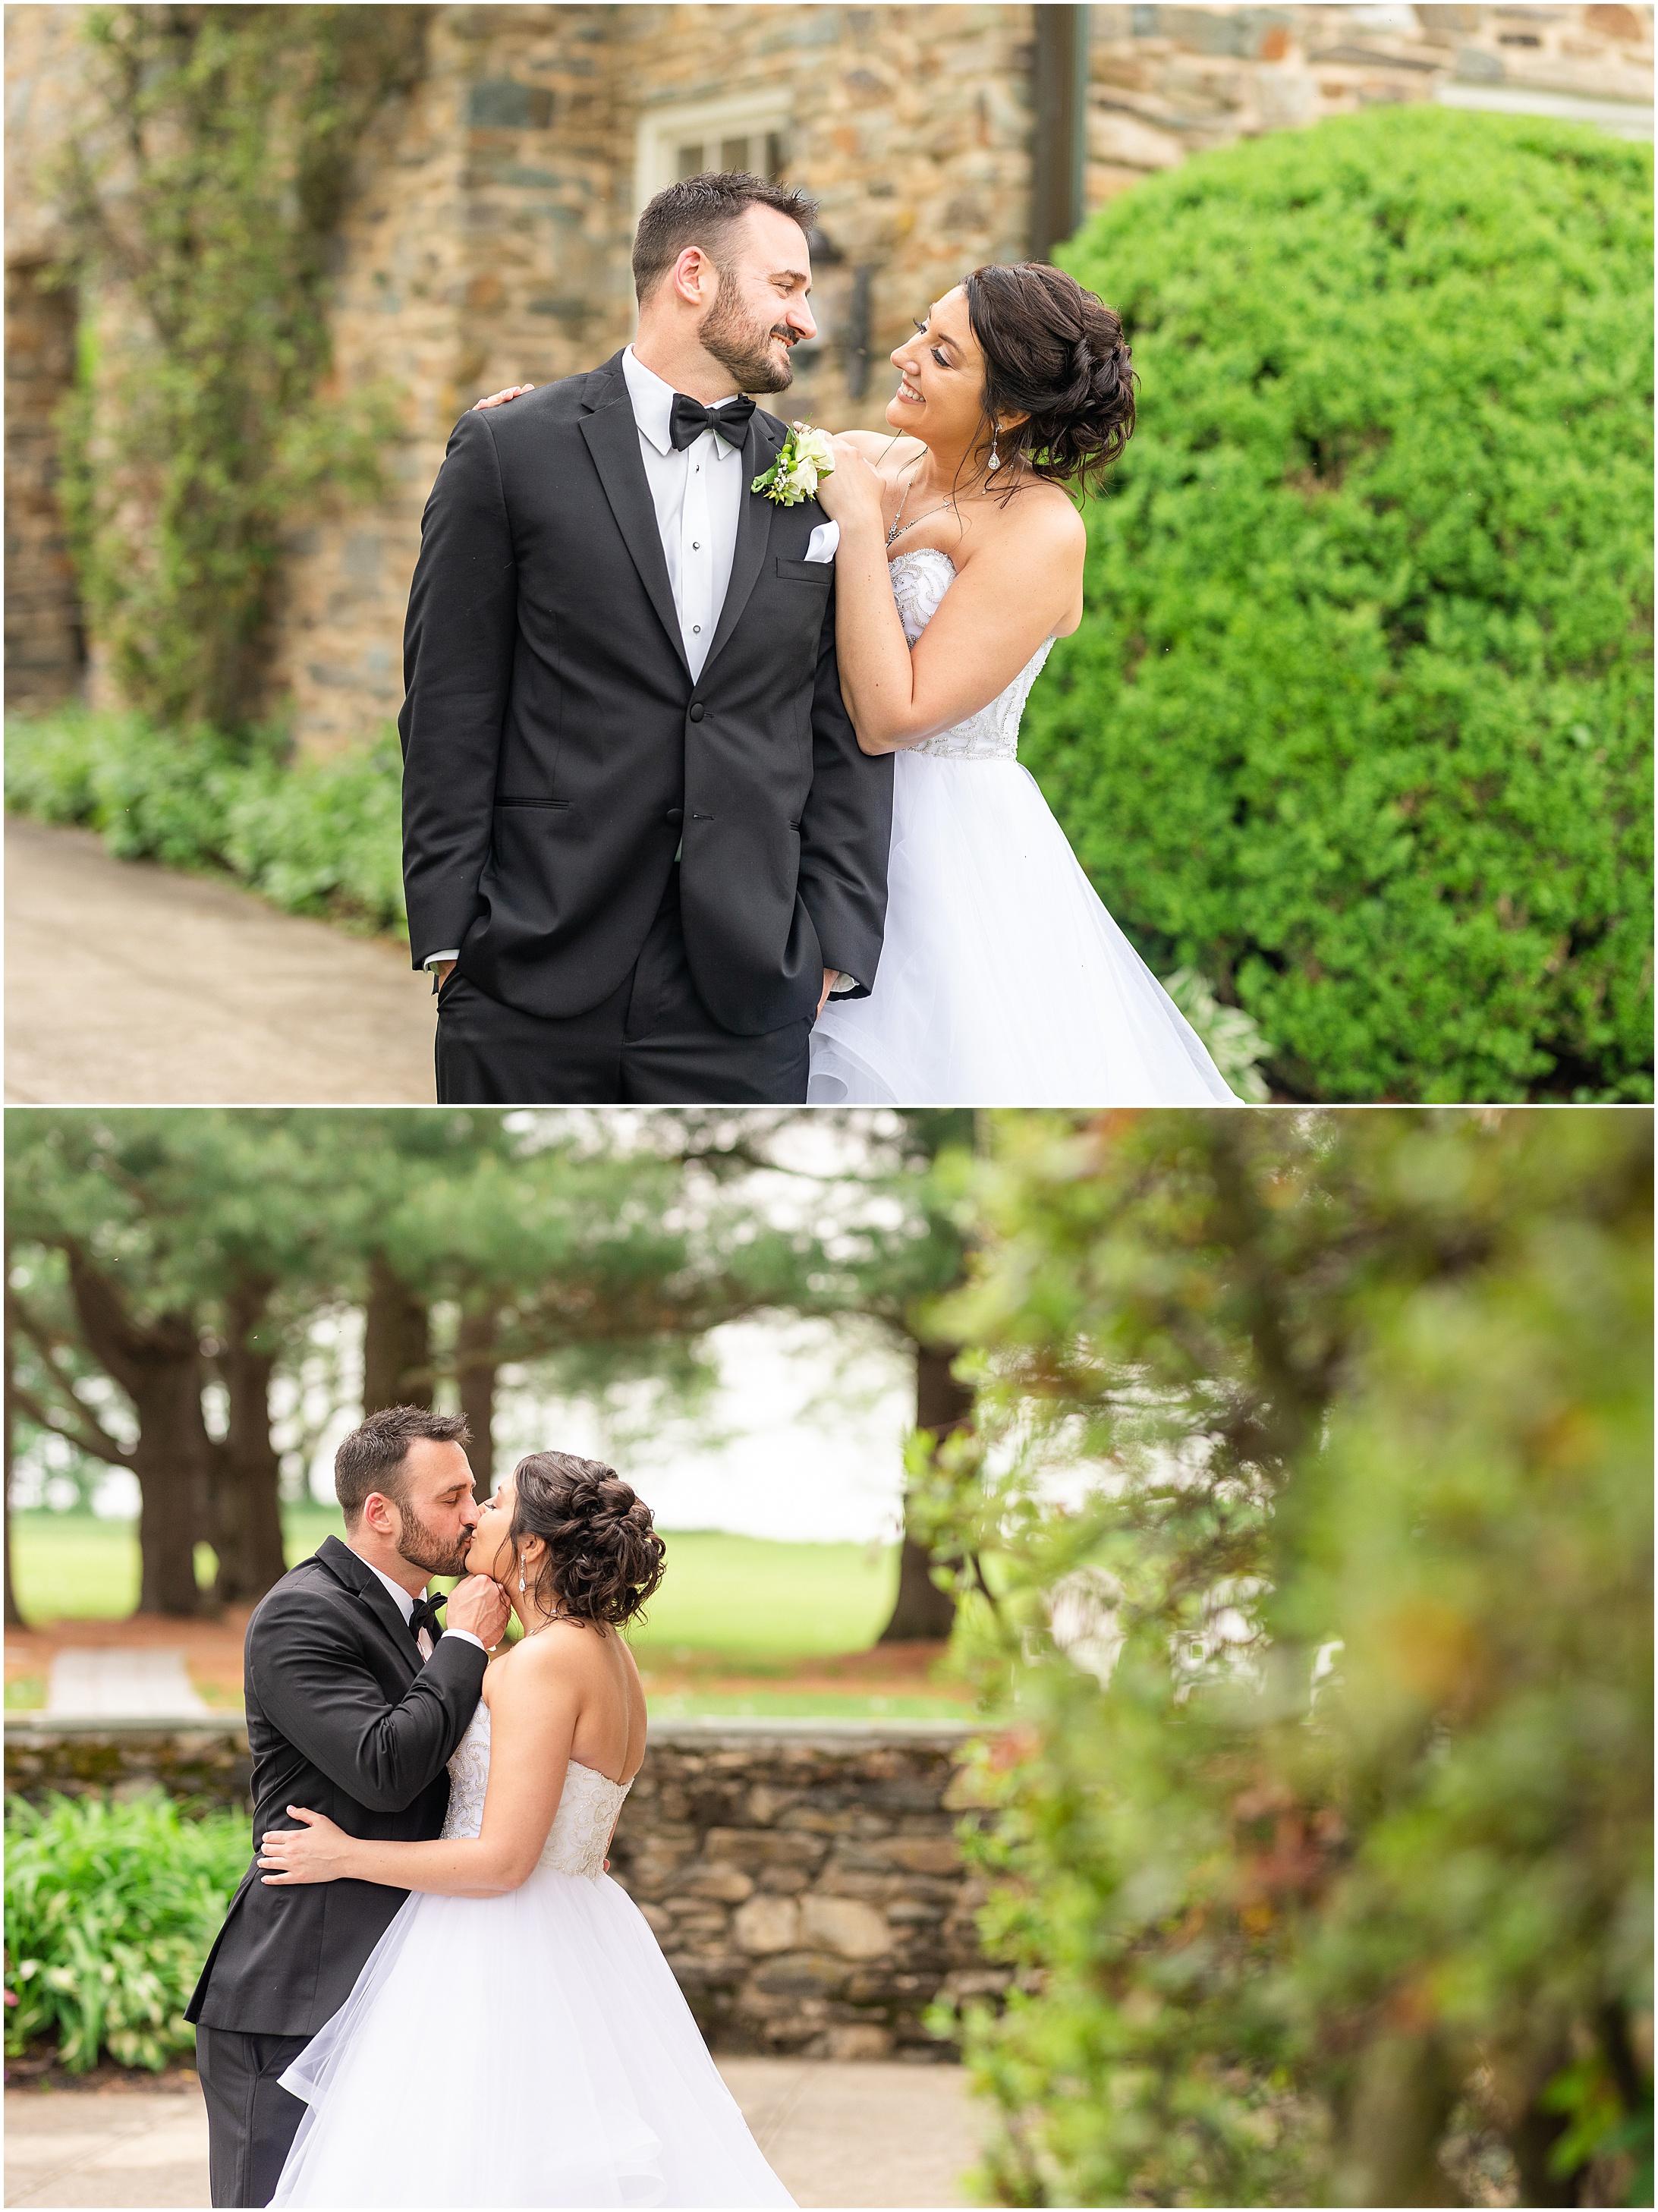 Stone-manor-country-club-wedding-photos-127.jpg